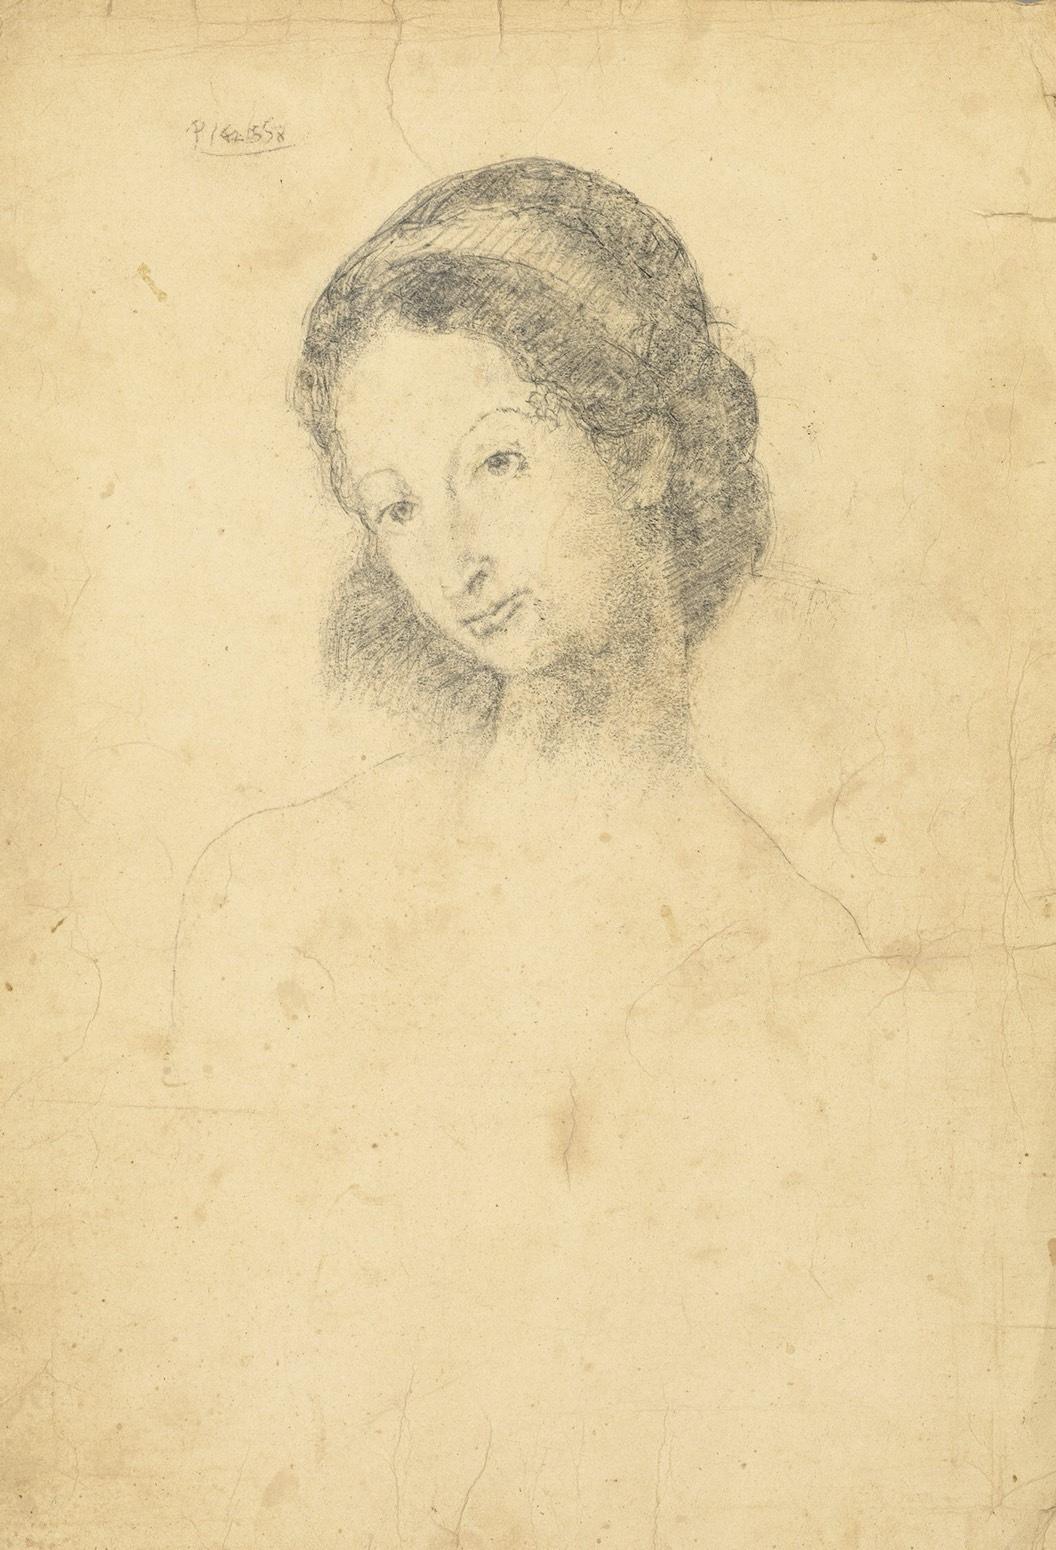 《チャールズ モリースの娘の肖像》パブロ・ピカソ 68×48cm 紙に鉛筆 1906年